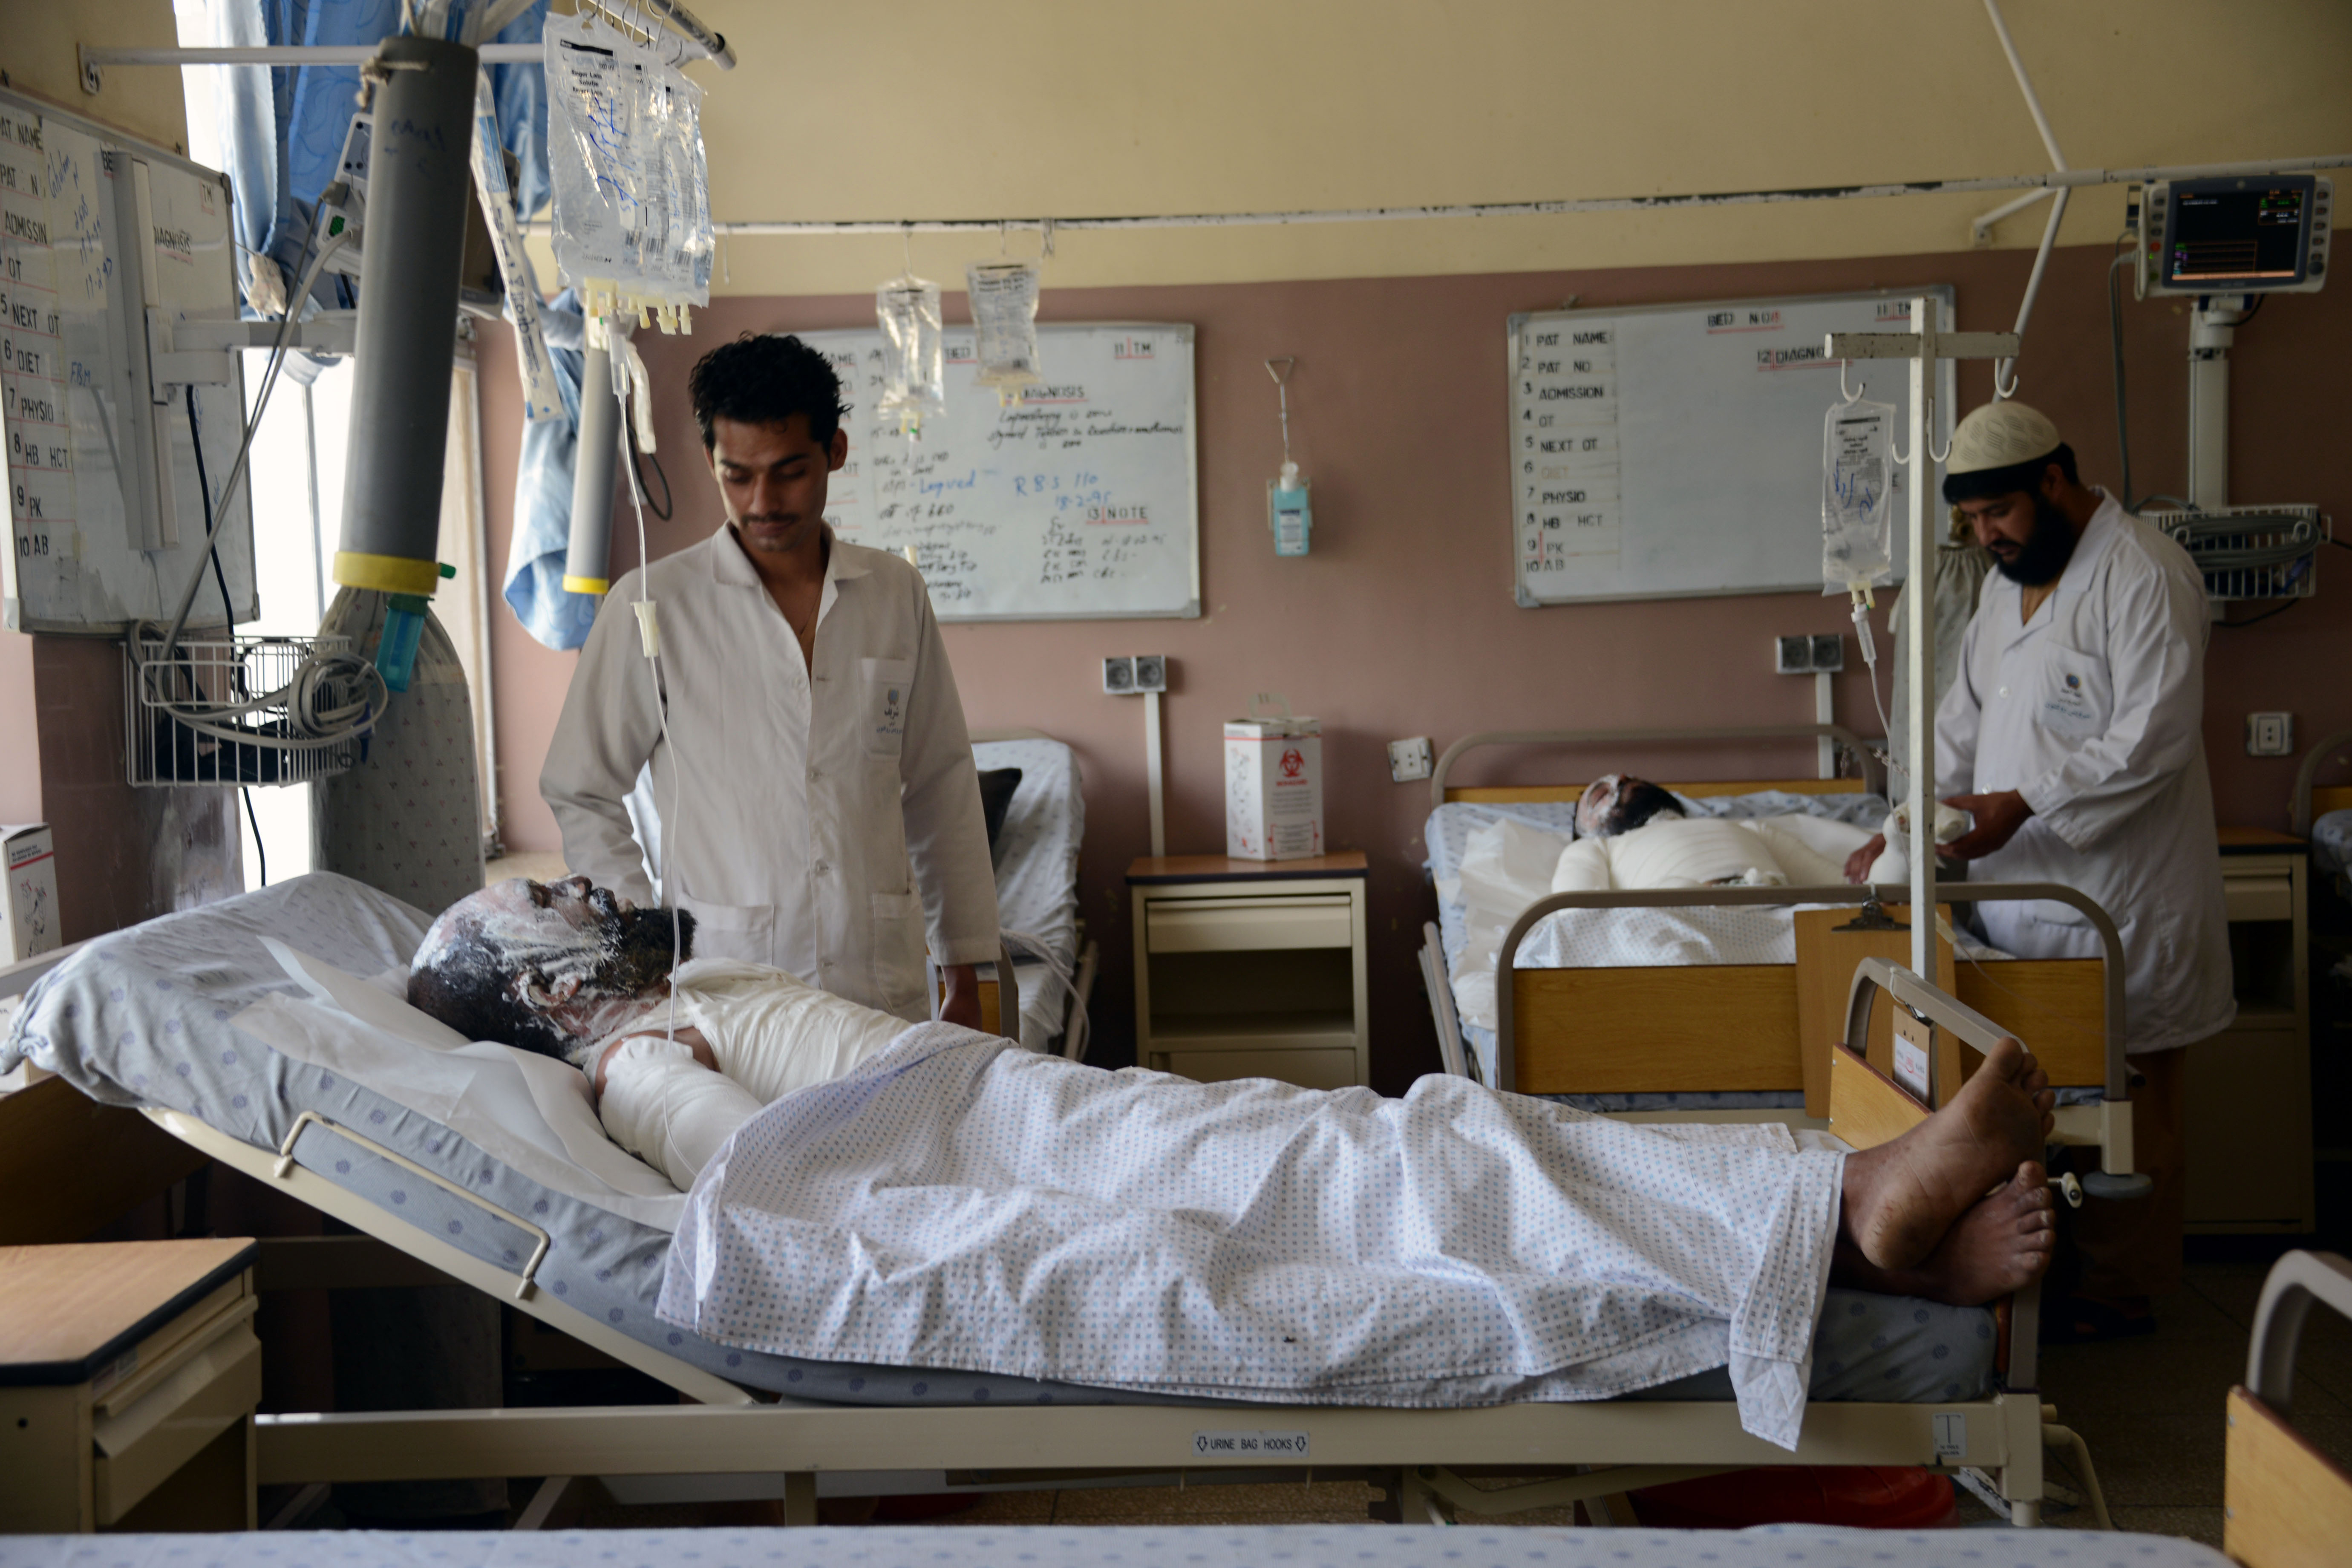 فعالیت های طالبان 250 هزار نفر را در ارزگان از دسترسی به خدمات صحی محروم کرده است